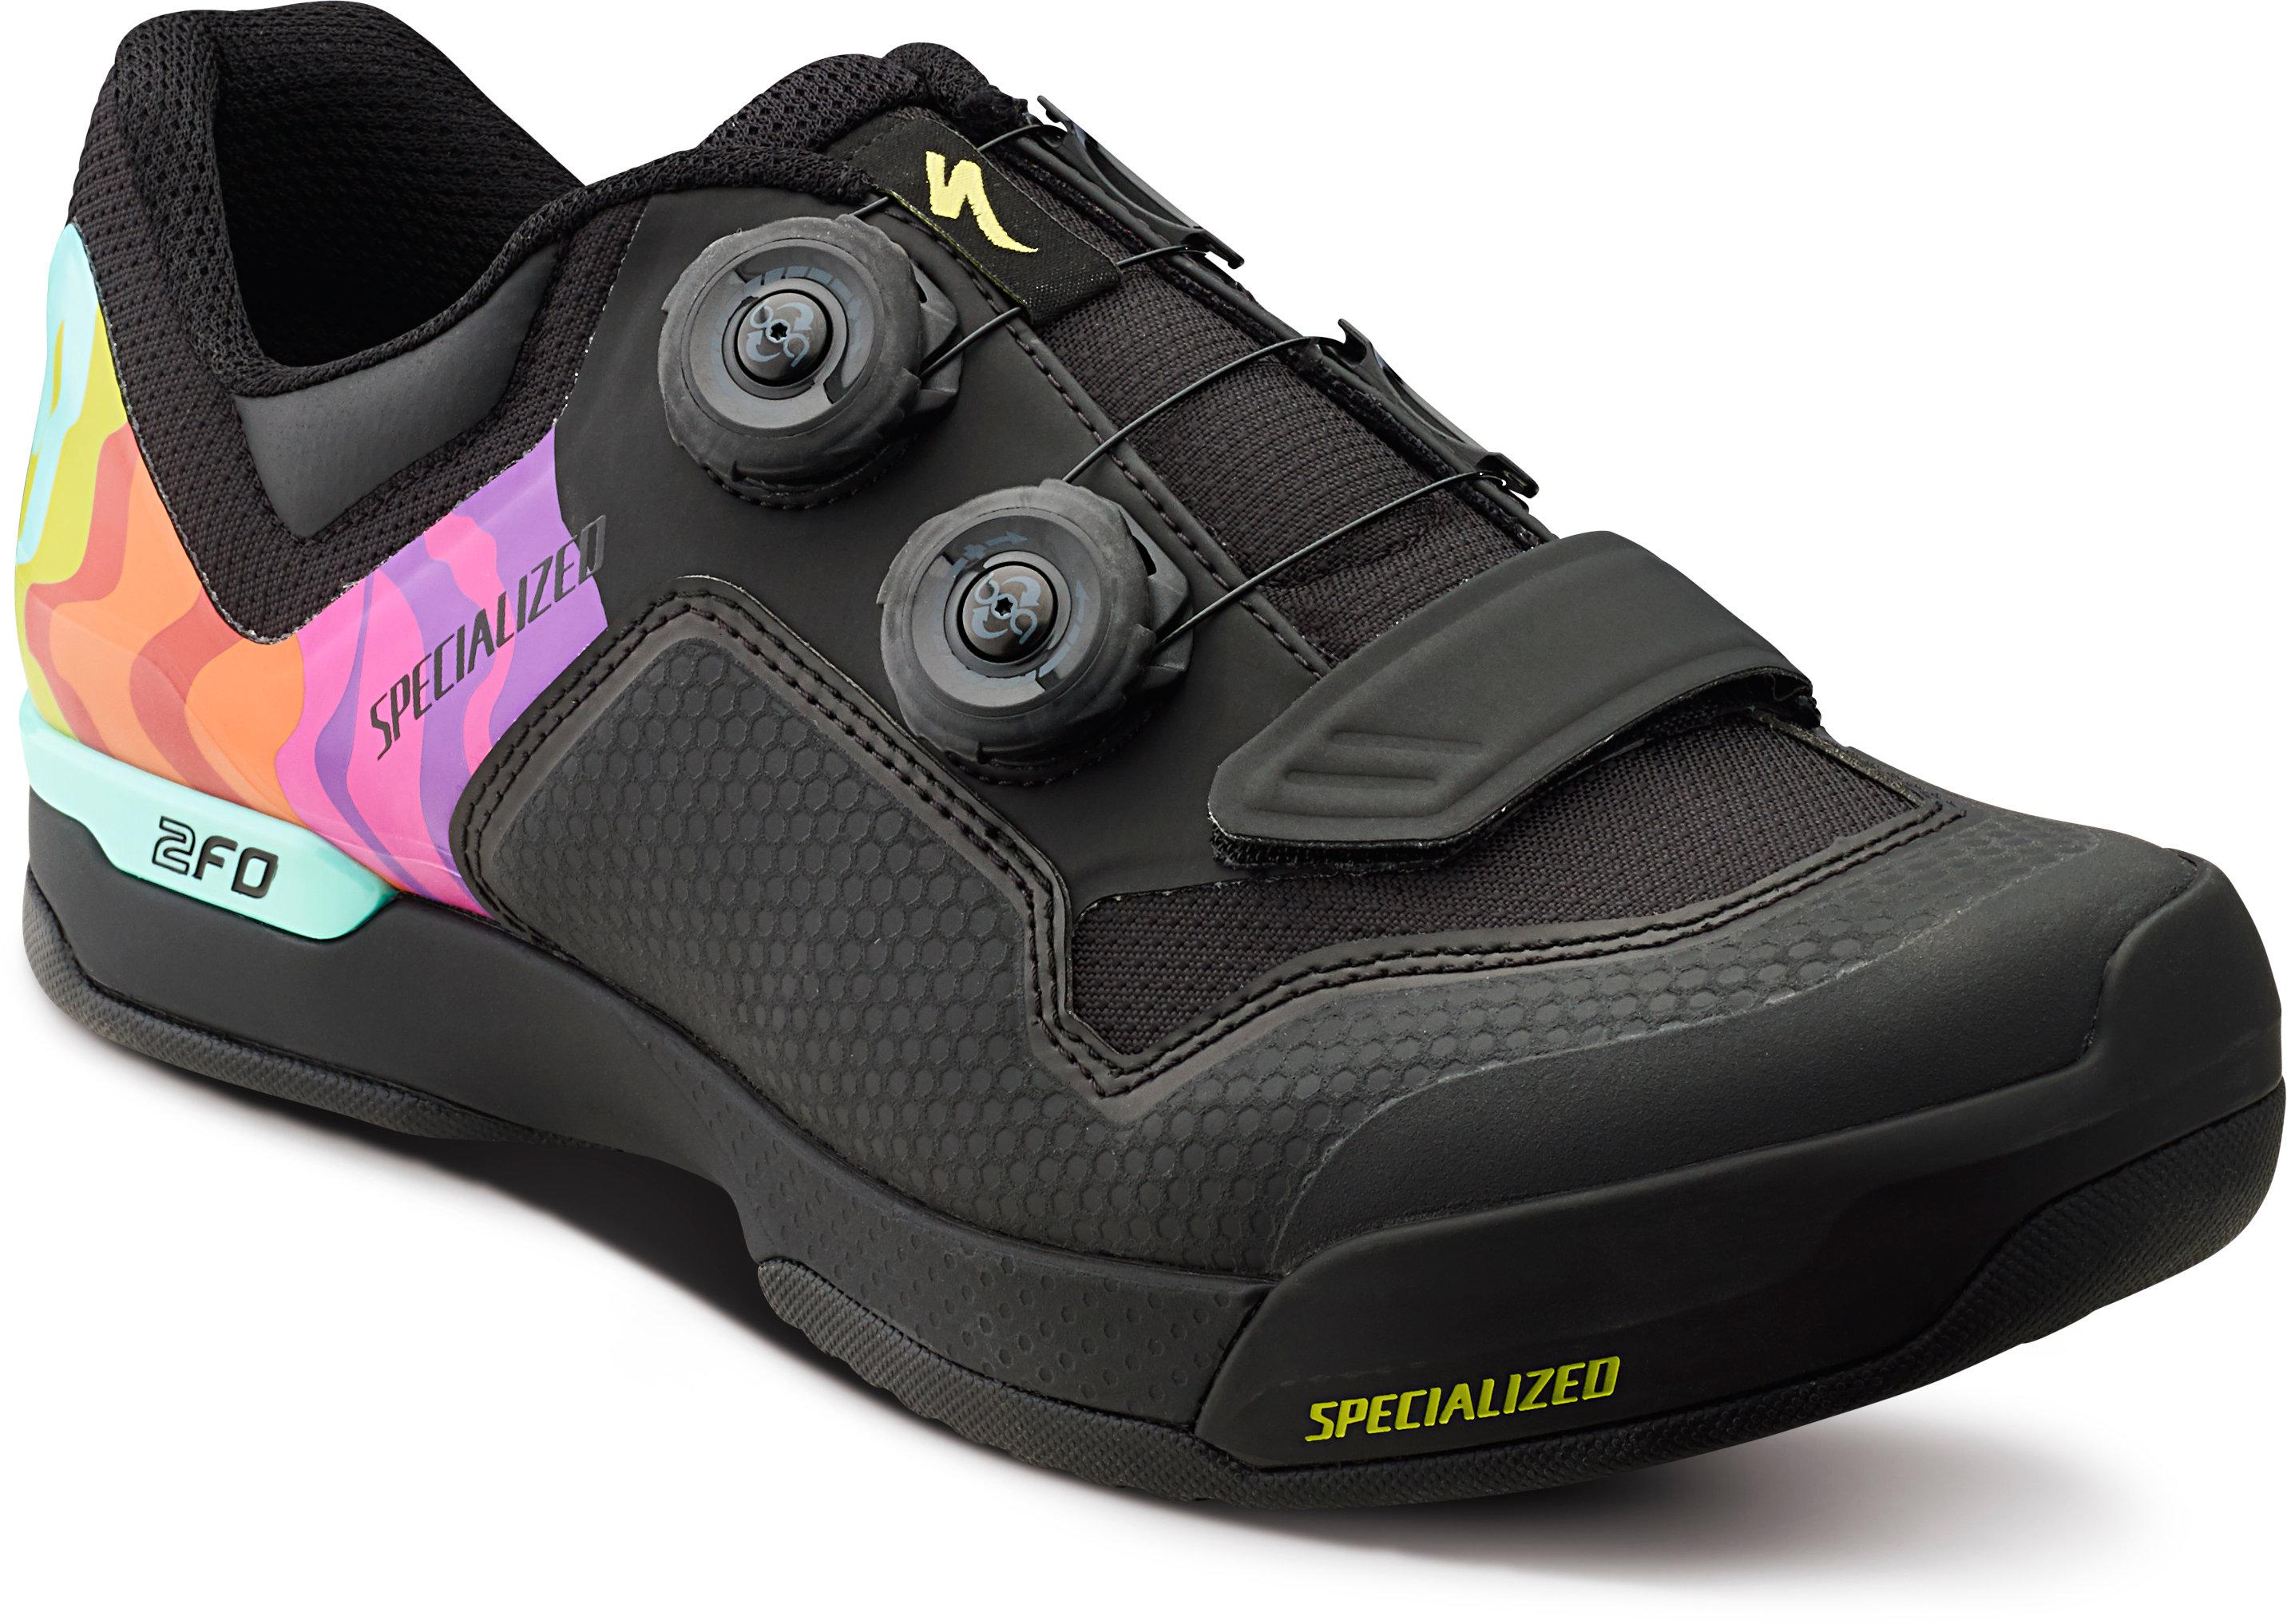 Specialized 2FO ClipLite Mountain Bike Shoes CW JAW LTD 43/9.6 - Alpha Bikes